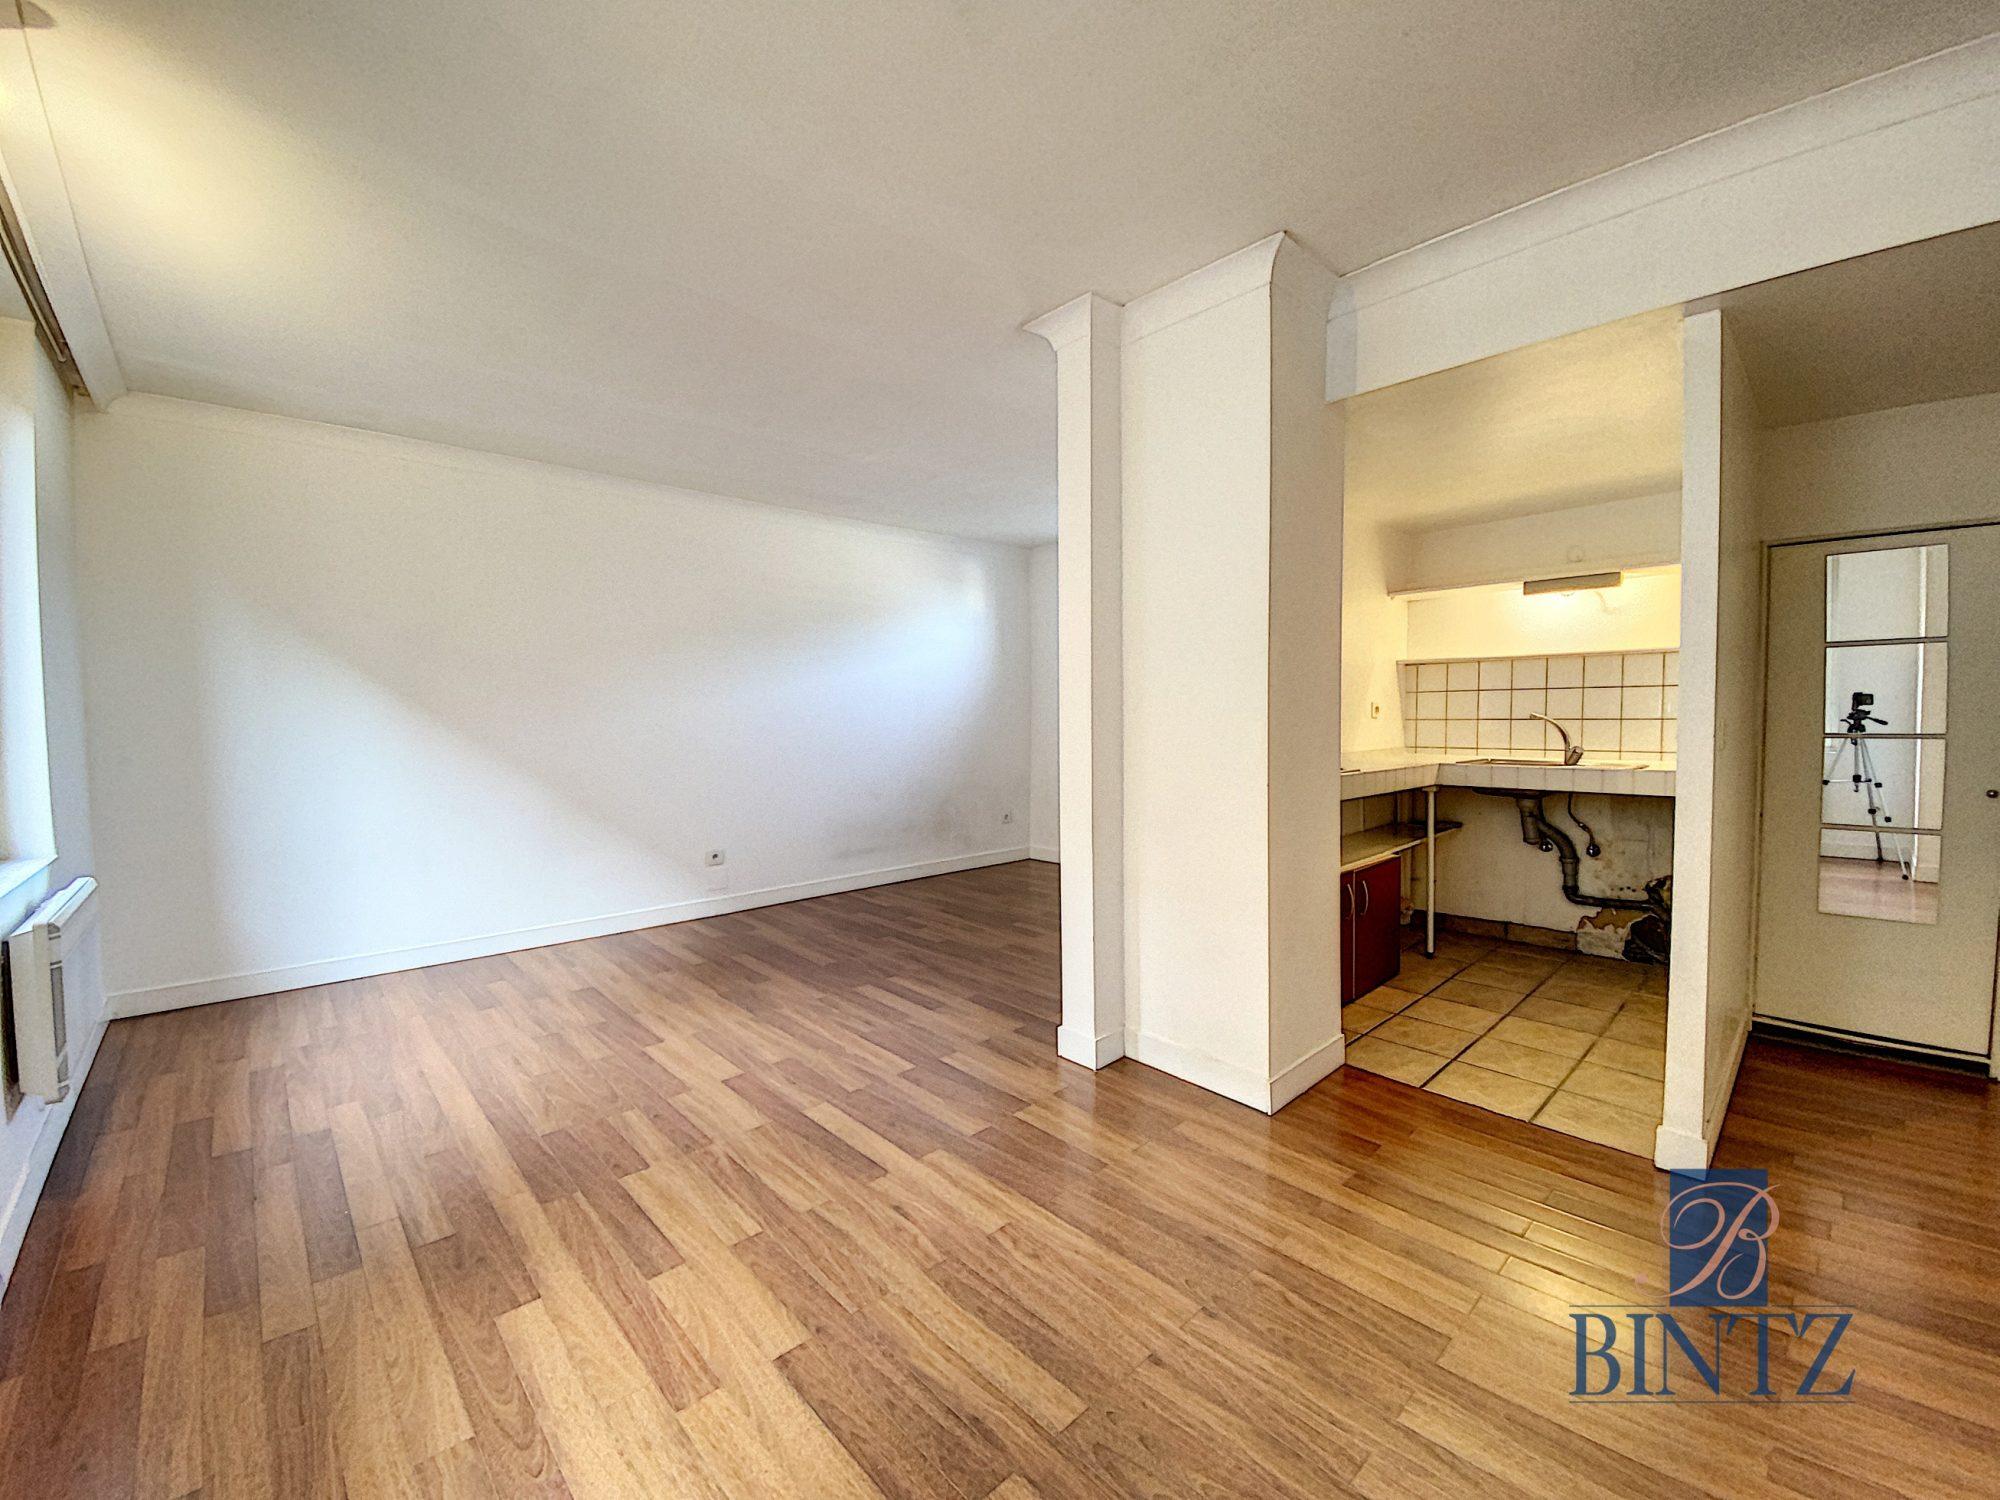 GRAND T1 SCHILTIGHEIM POUR INVESTISSEUR - Devenez propriétaire en toute confiance - Bintz Immobilier - 2